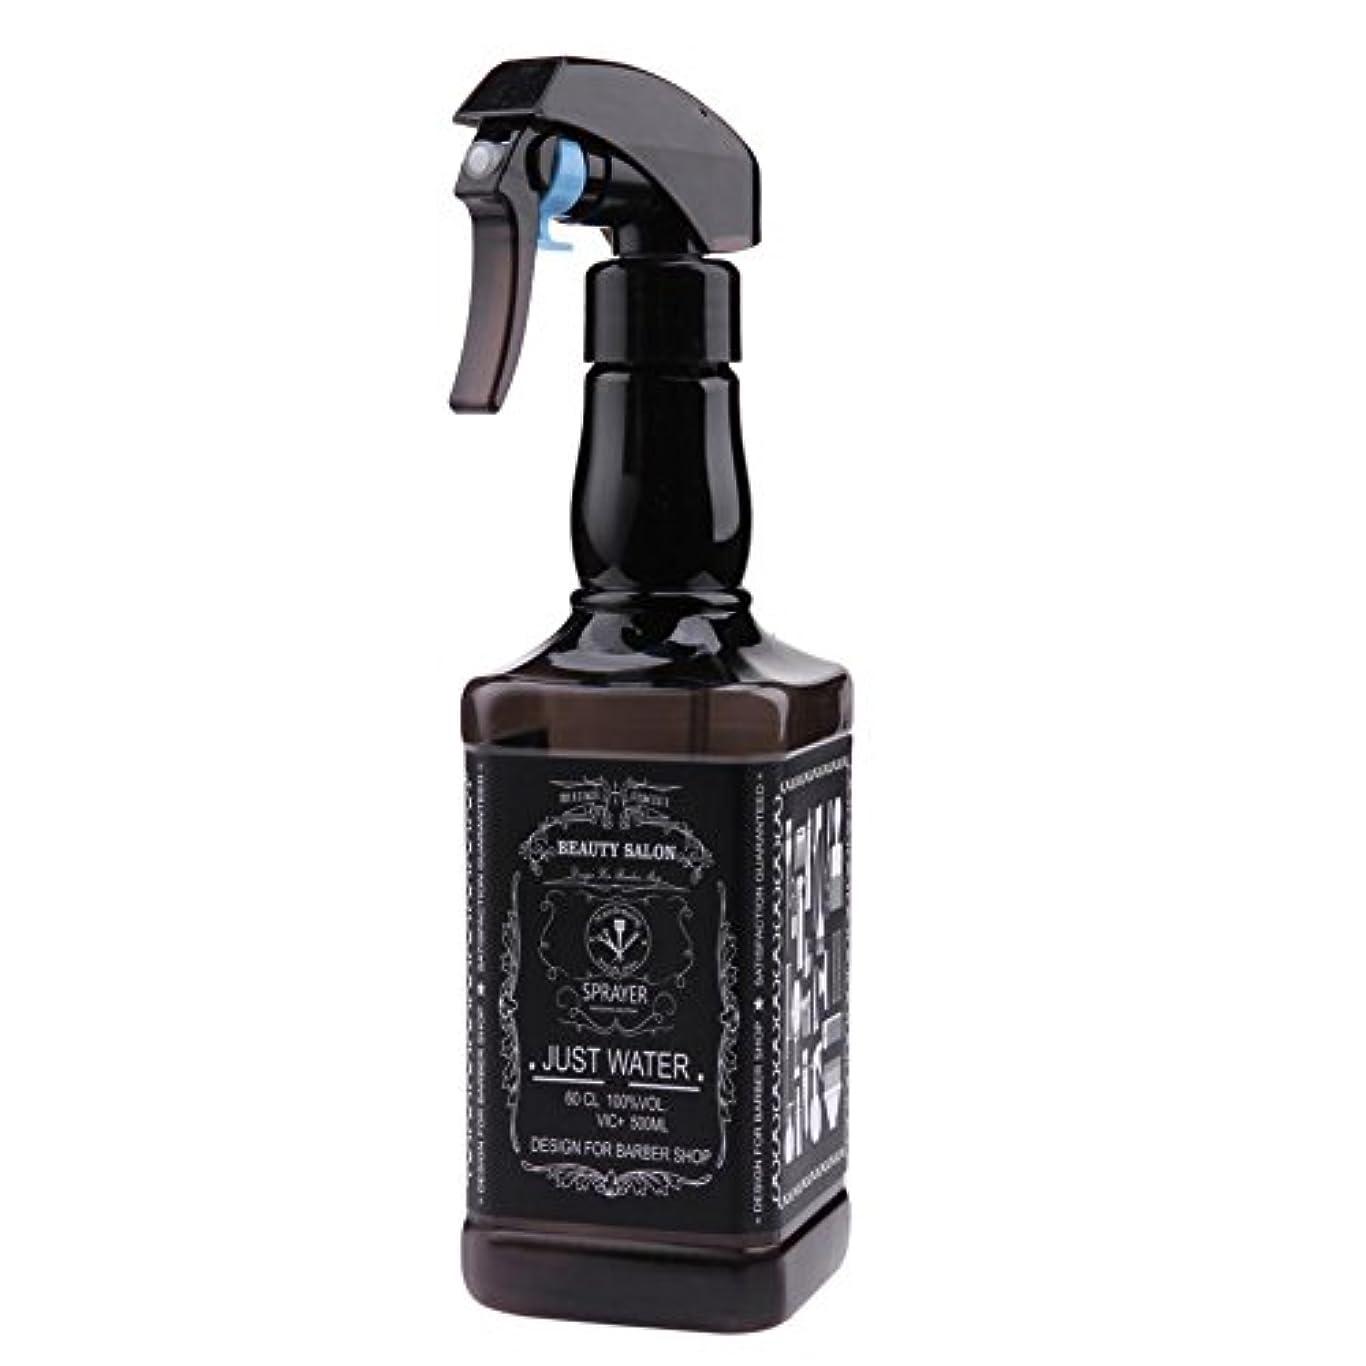 軍反論者要求Everpert スプレーボトル 噴霧器 噴霧 ボトル 理髪店 美容室 ガーデニング用 極細ミスト